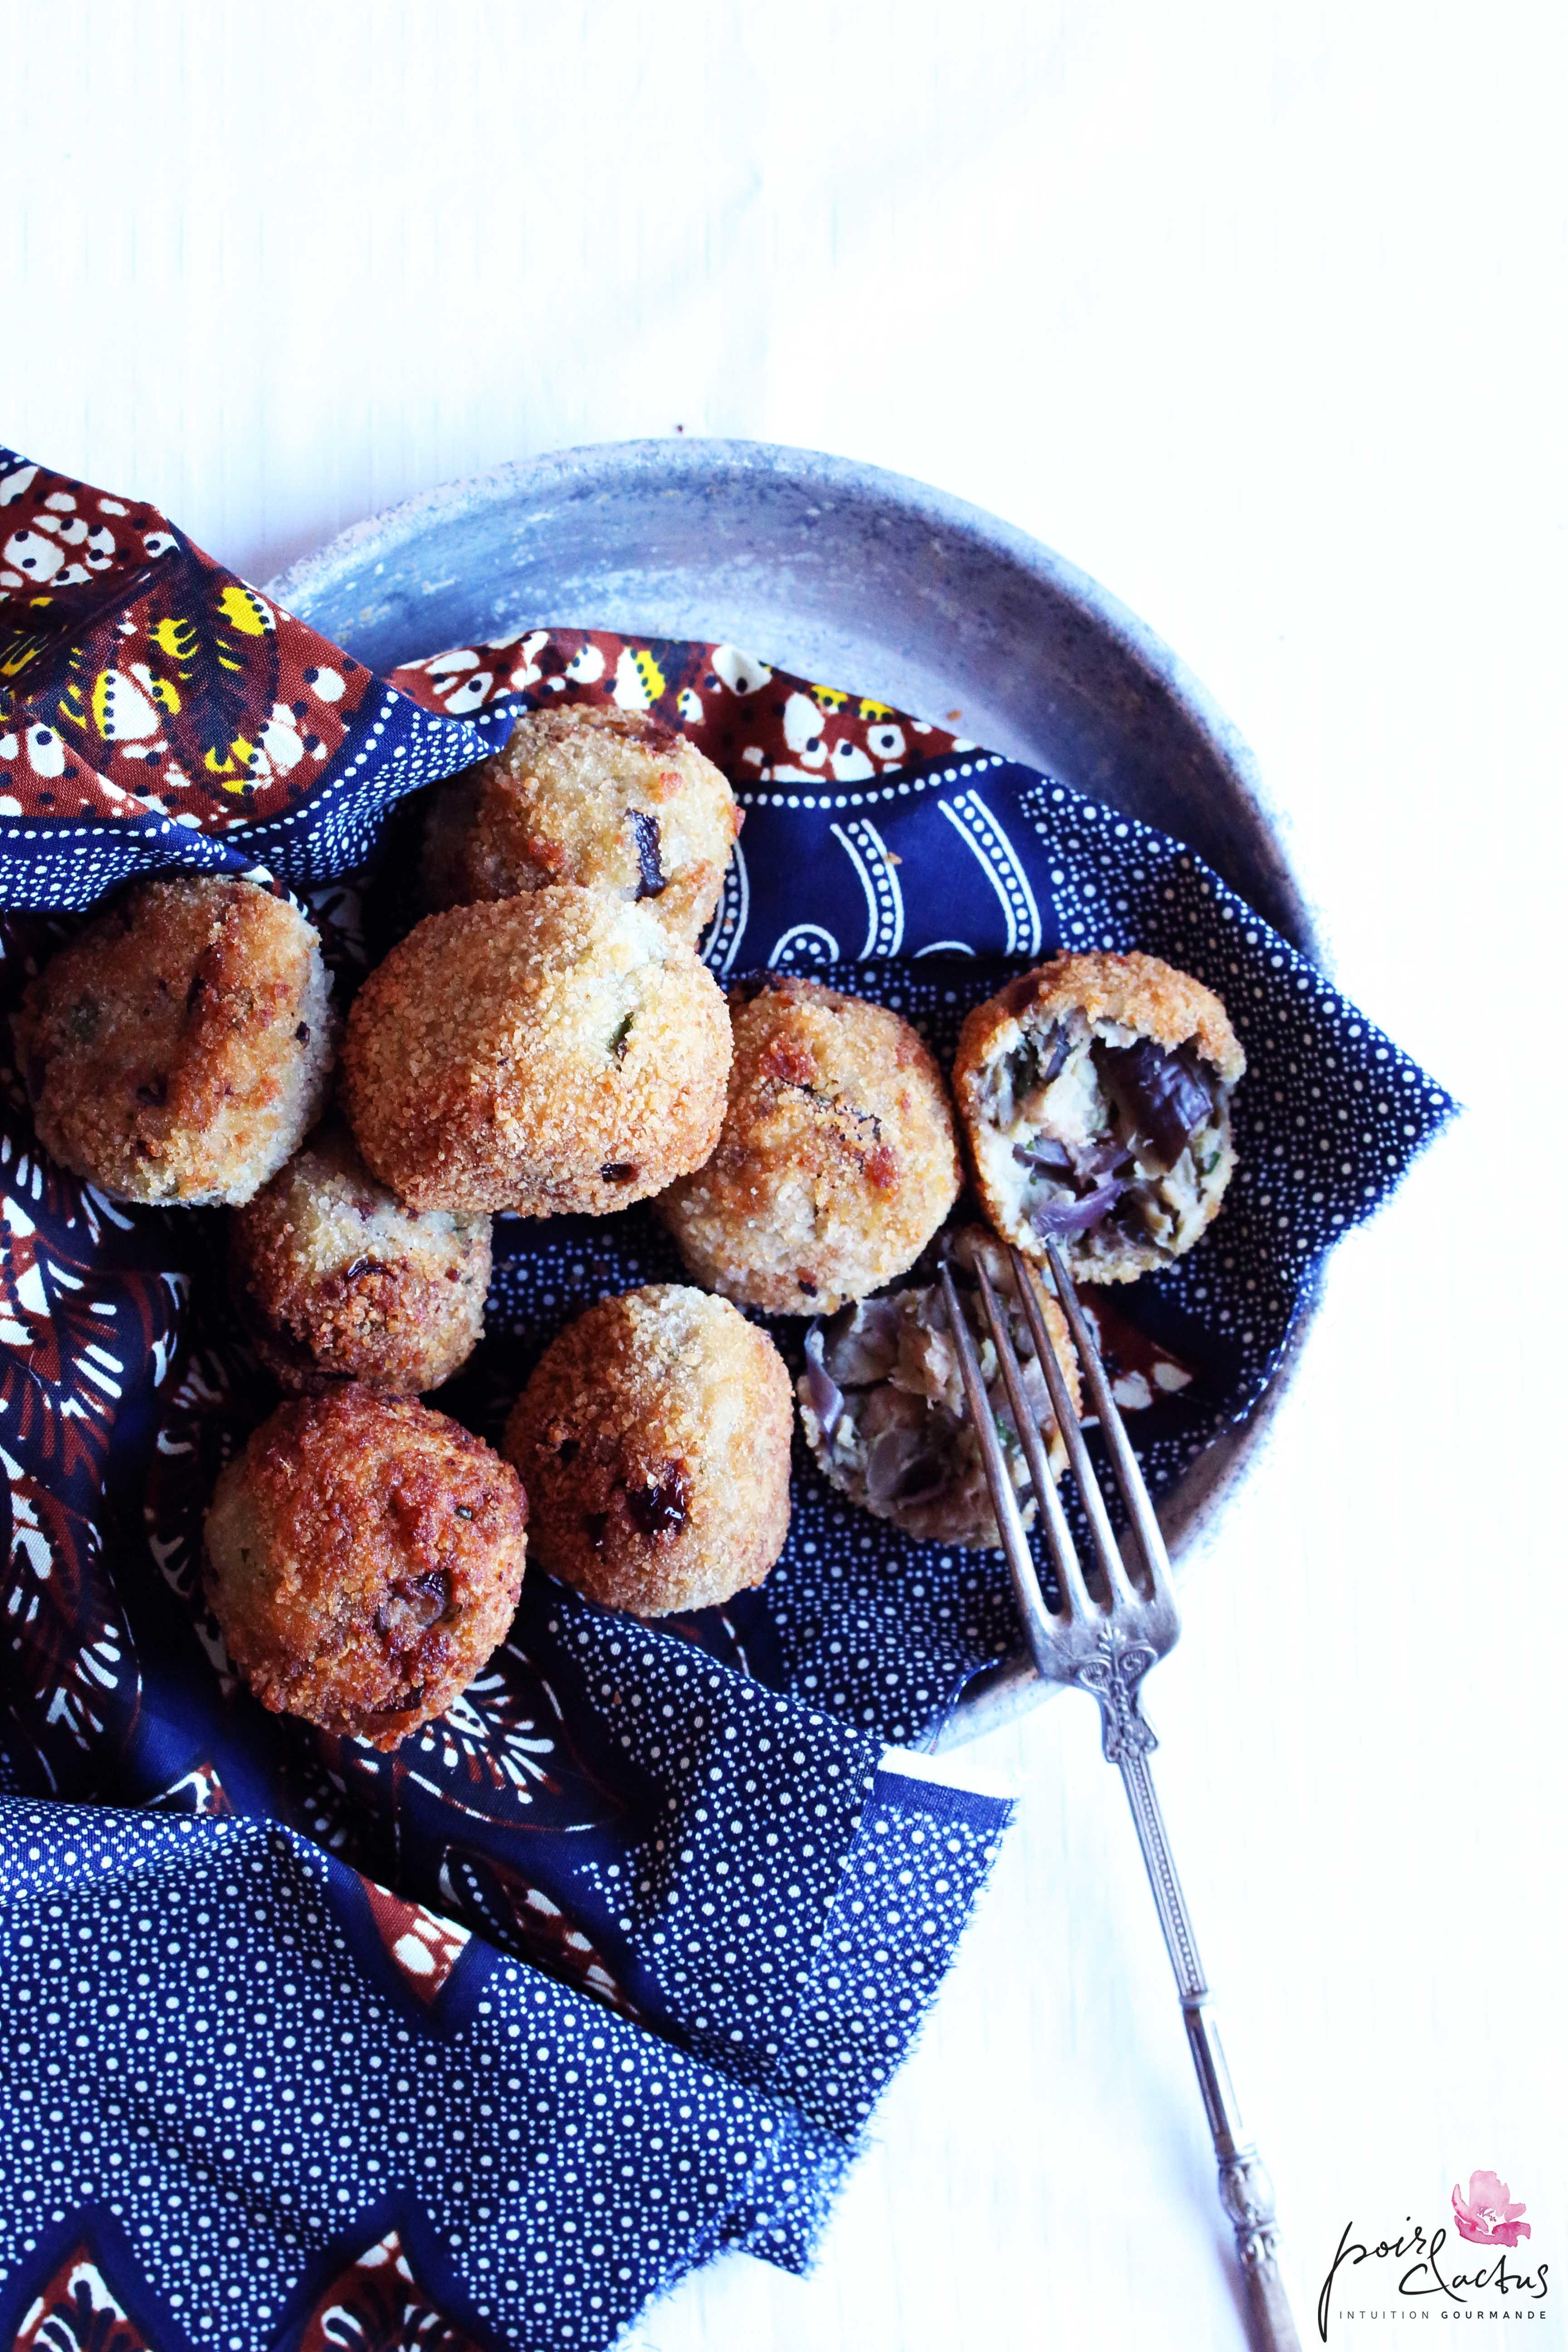 recette_boulette_aubergines_poiretcactus.com5